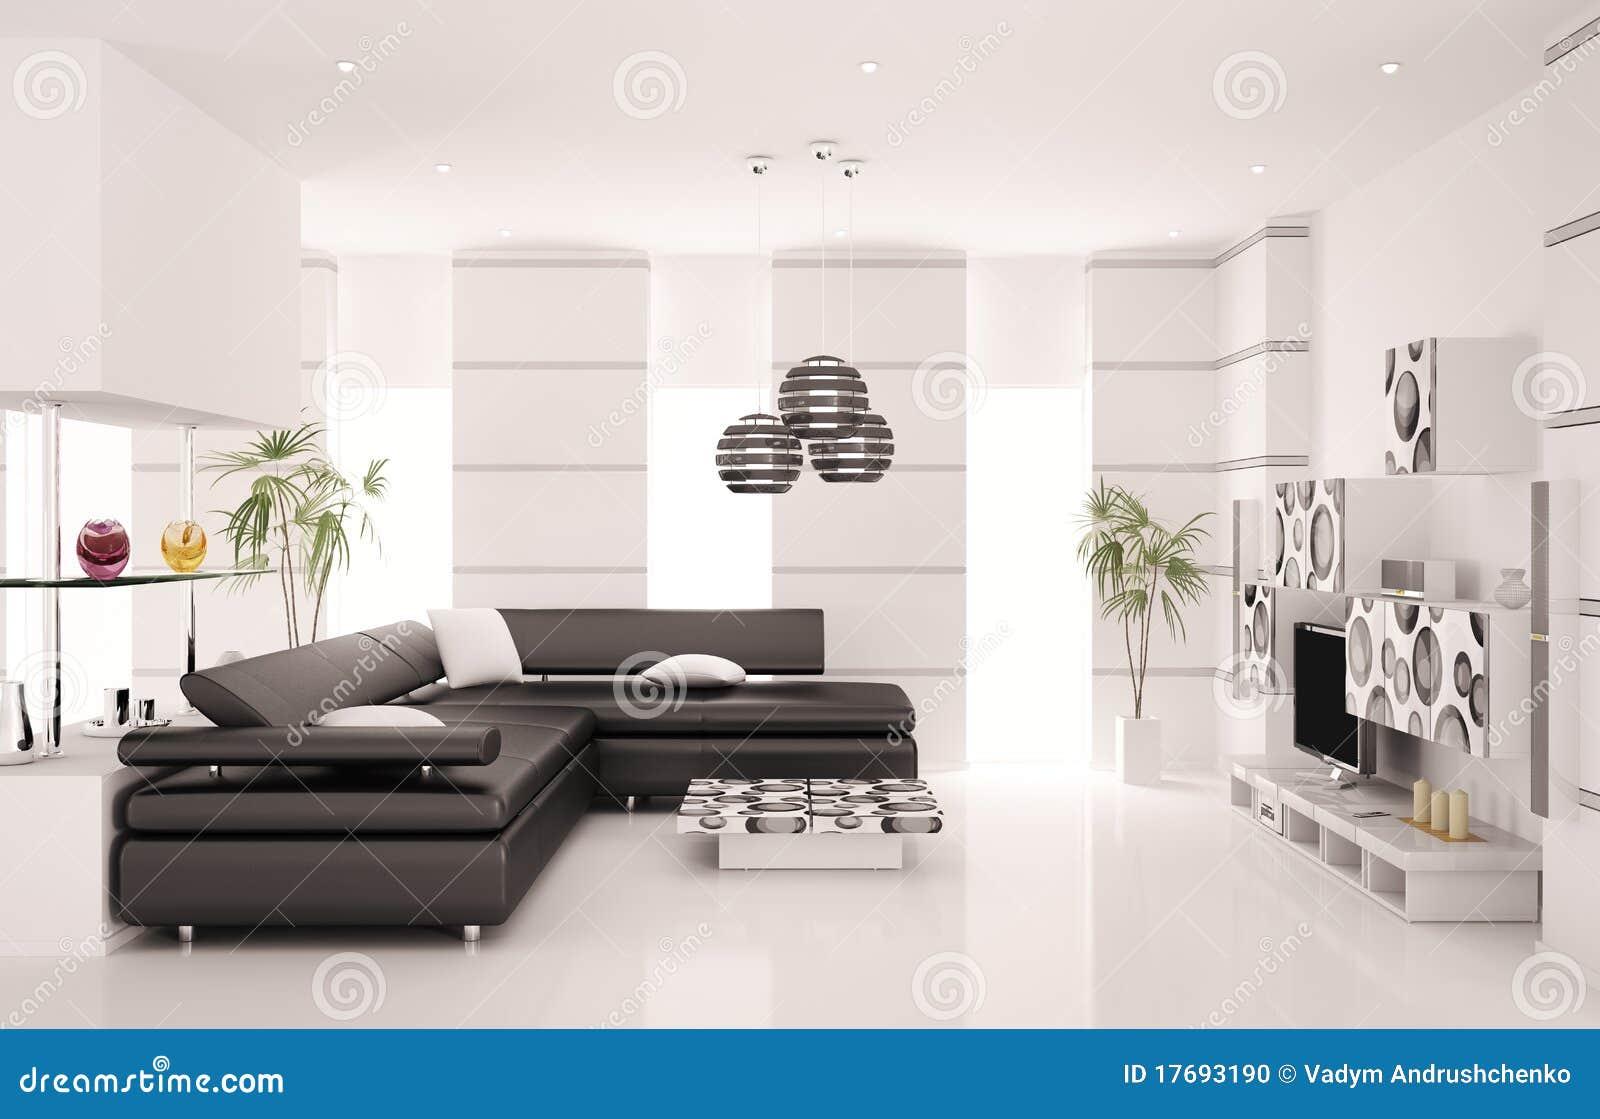 La salle de s jour moderne 3d int rieur rendent photo for Salle de sejour moderne